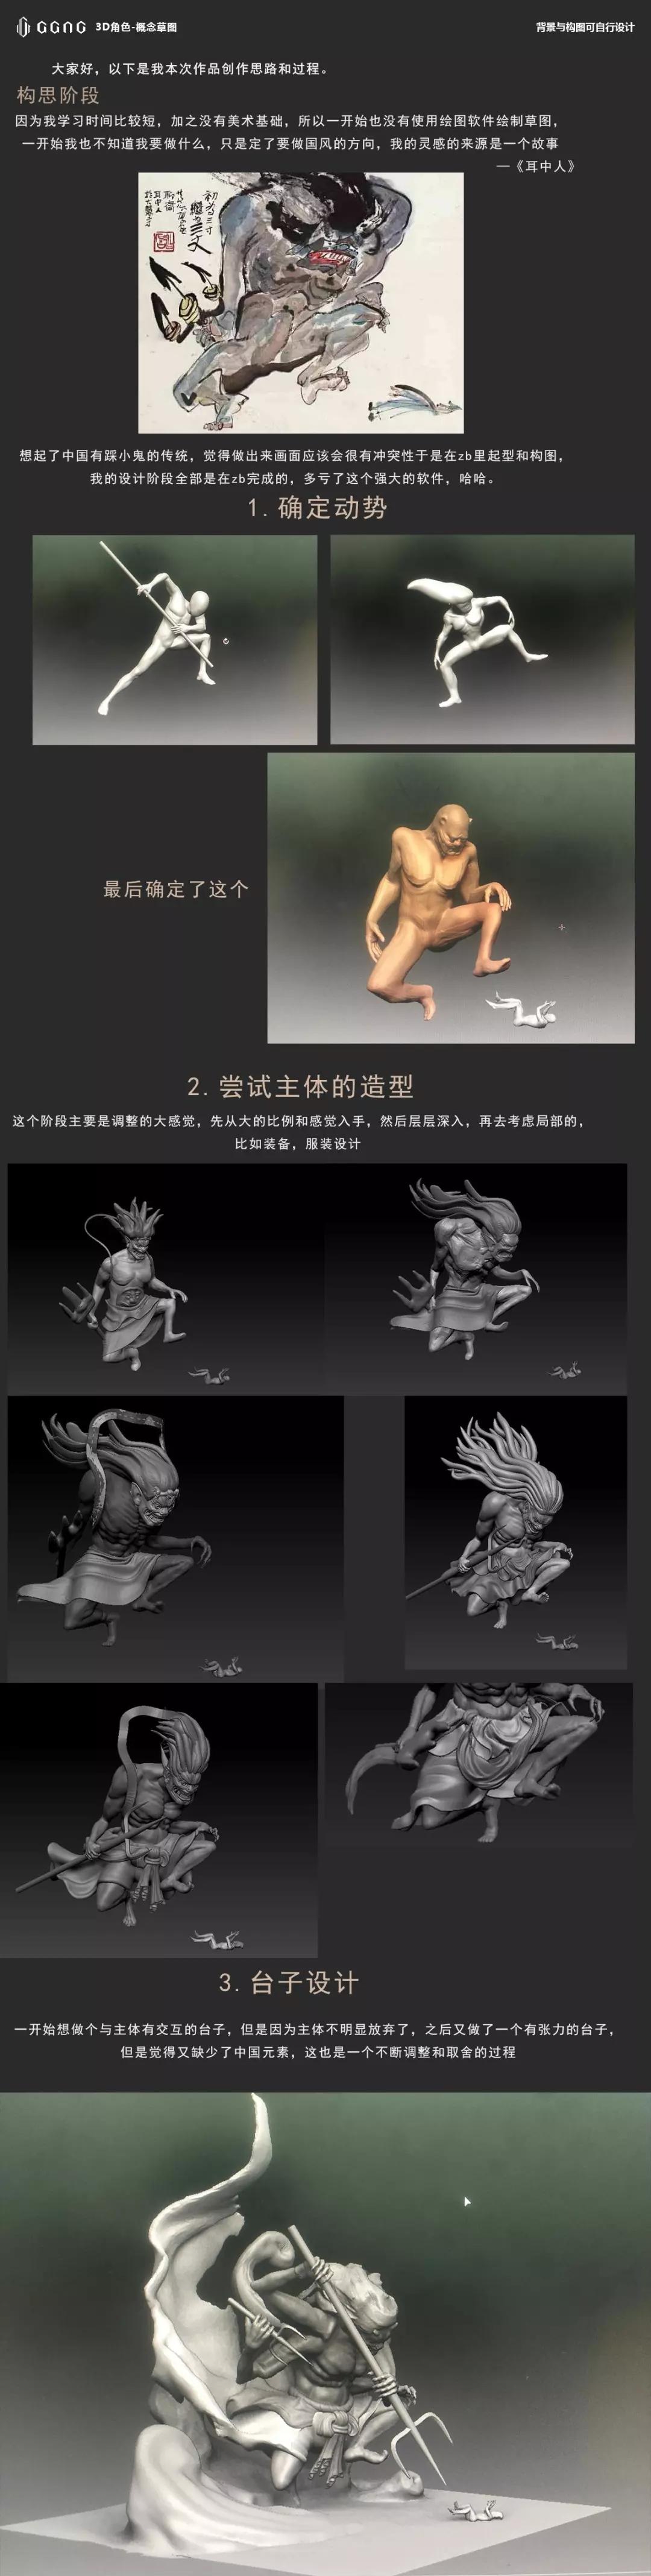 GGAC三等奖作品《耳中人》(作者:汇众教育学员 刘翔)创作过程_1.jpg